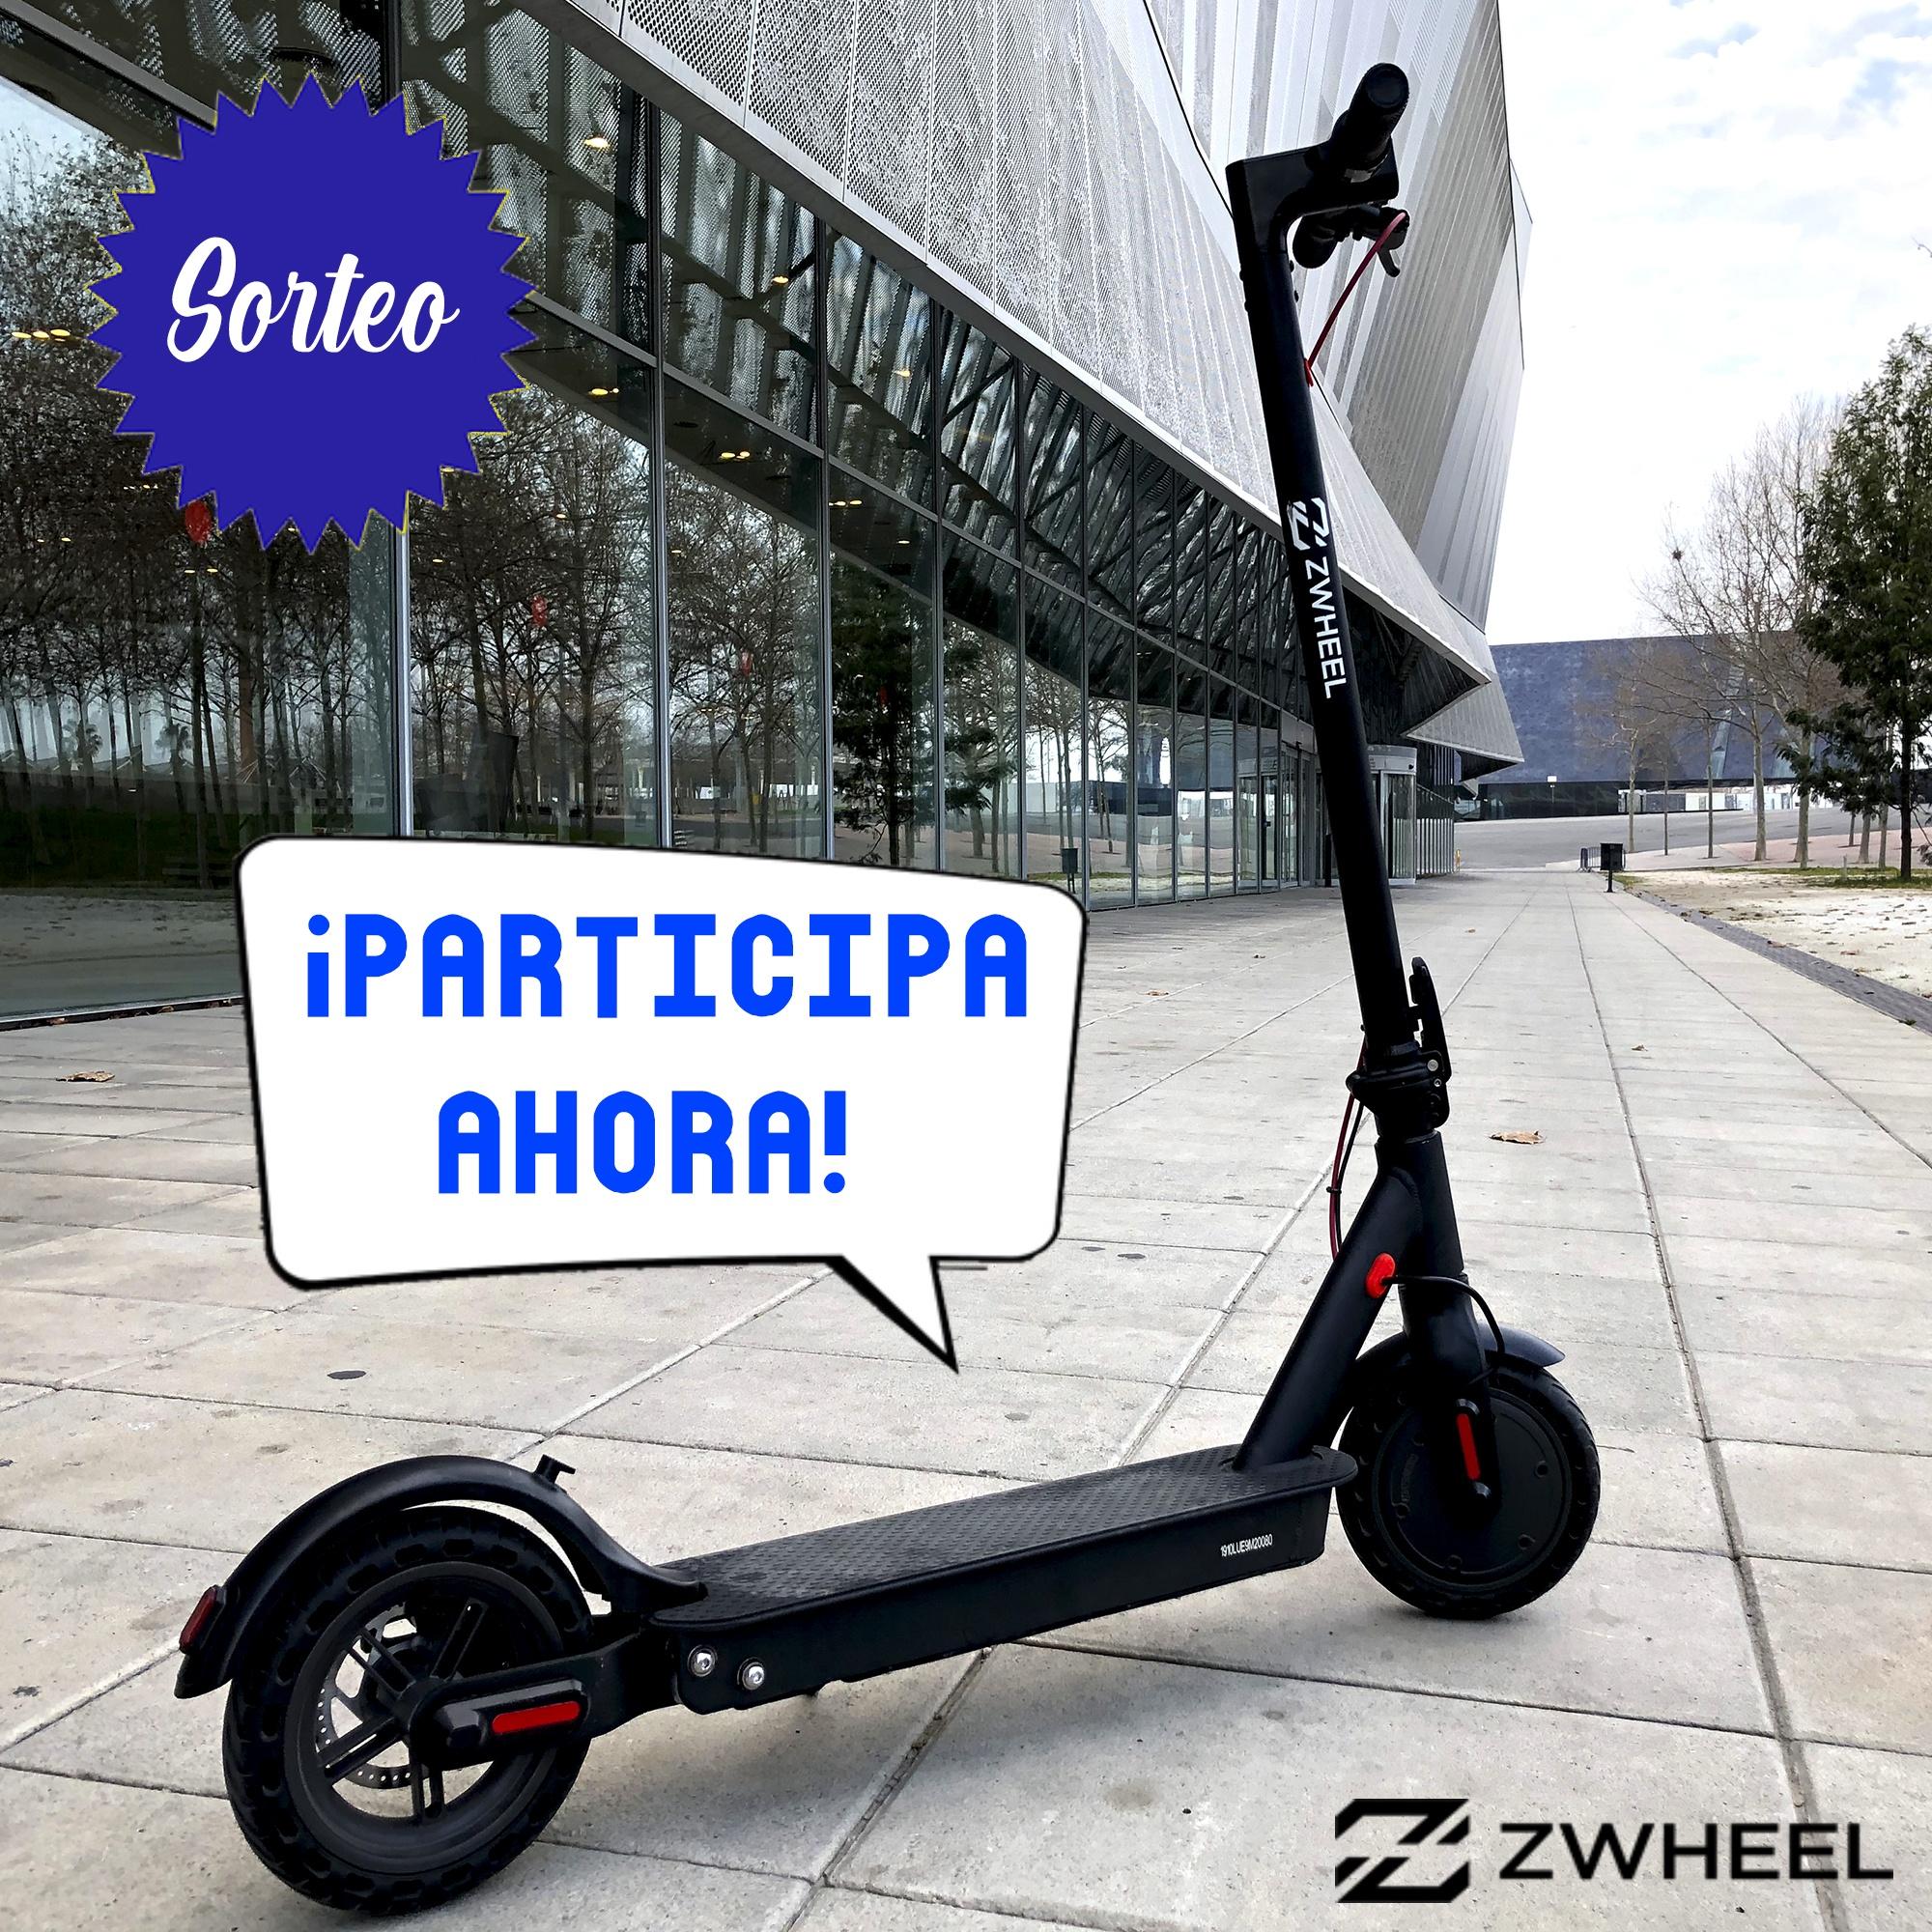 Sorteo de un patinete eléctrico ZWheel